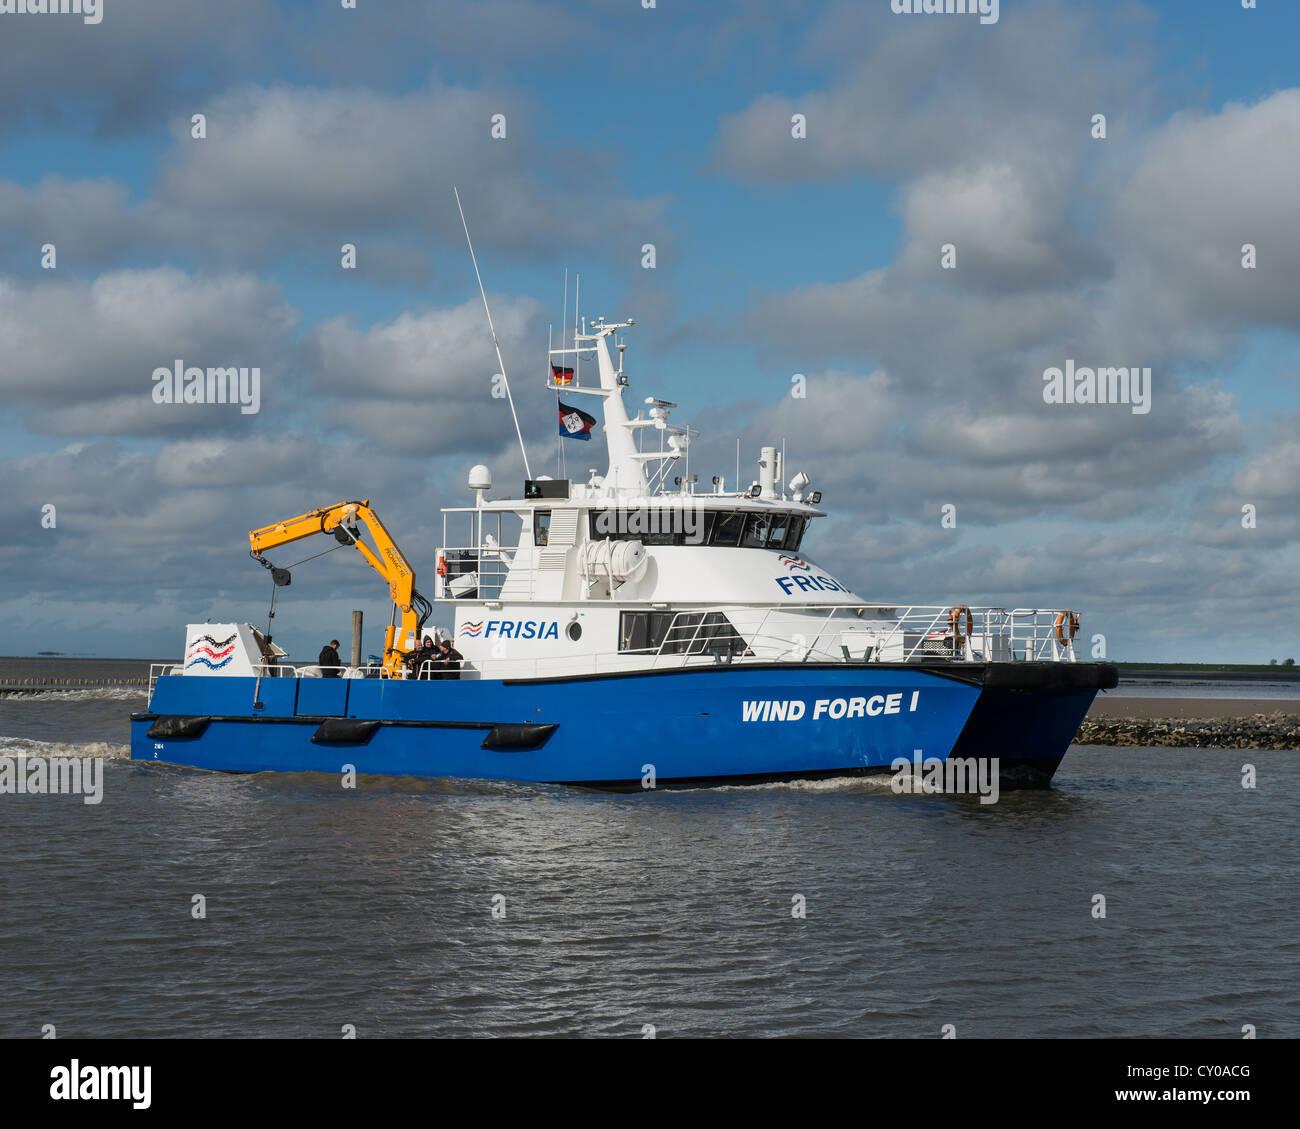 Force du vent 'I', catamaran offshore navire de transport pour les personnes et les marchandises à Photo Stock